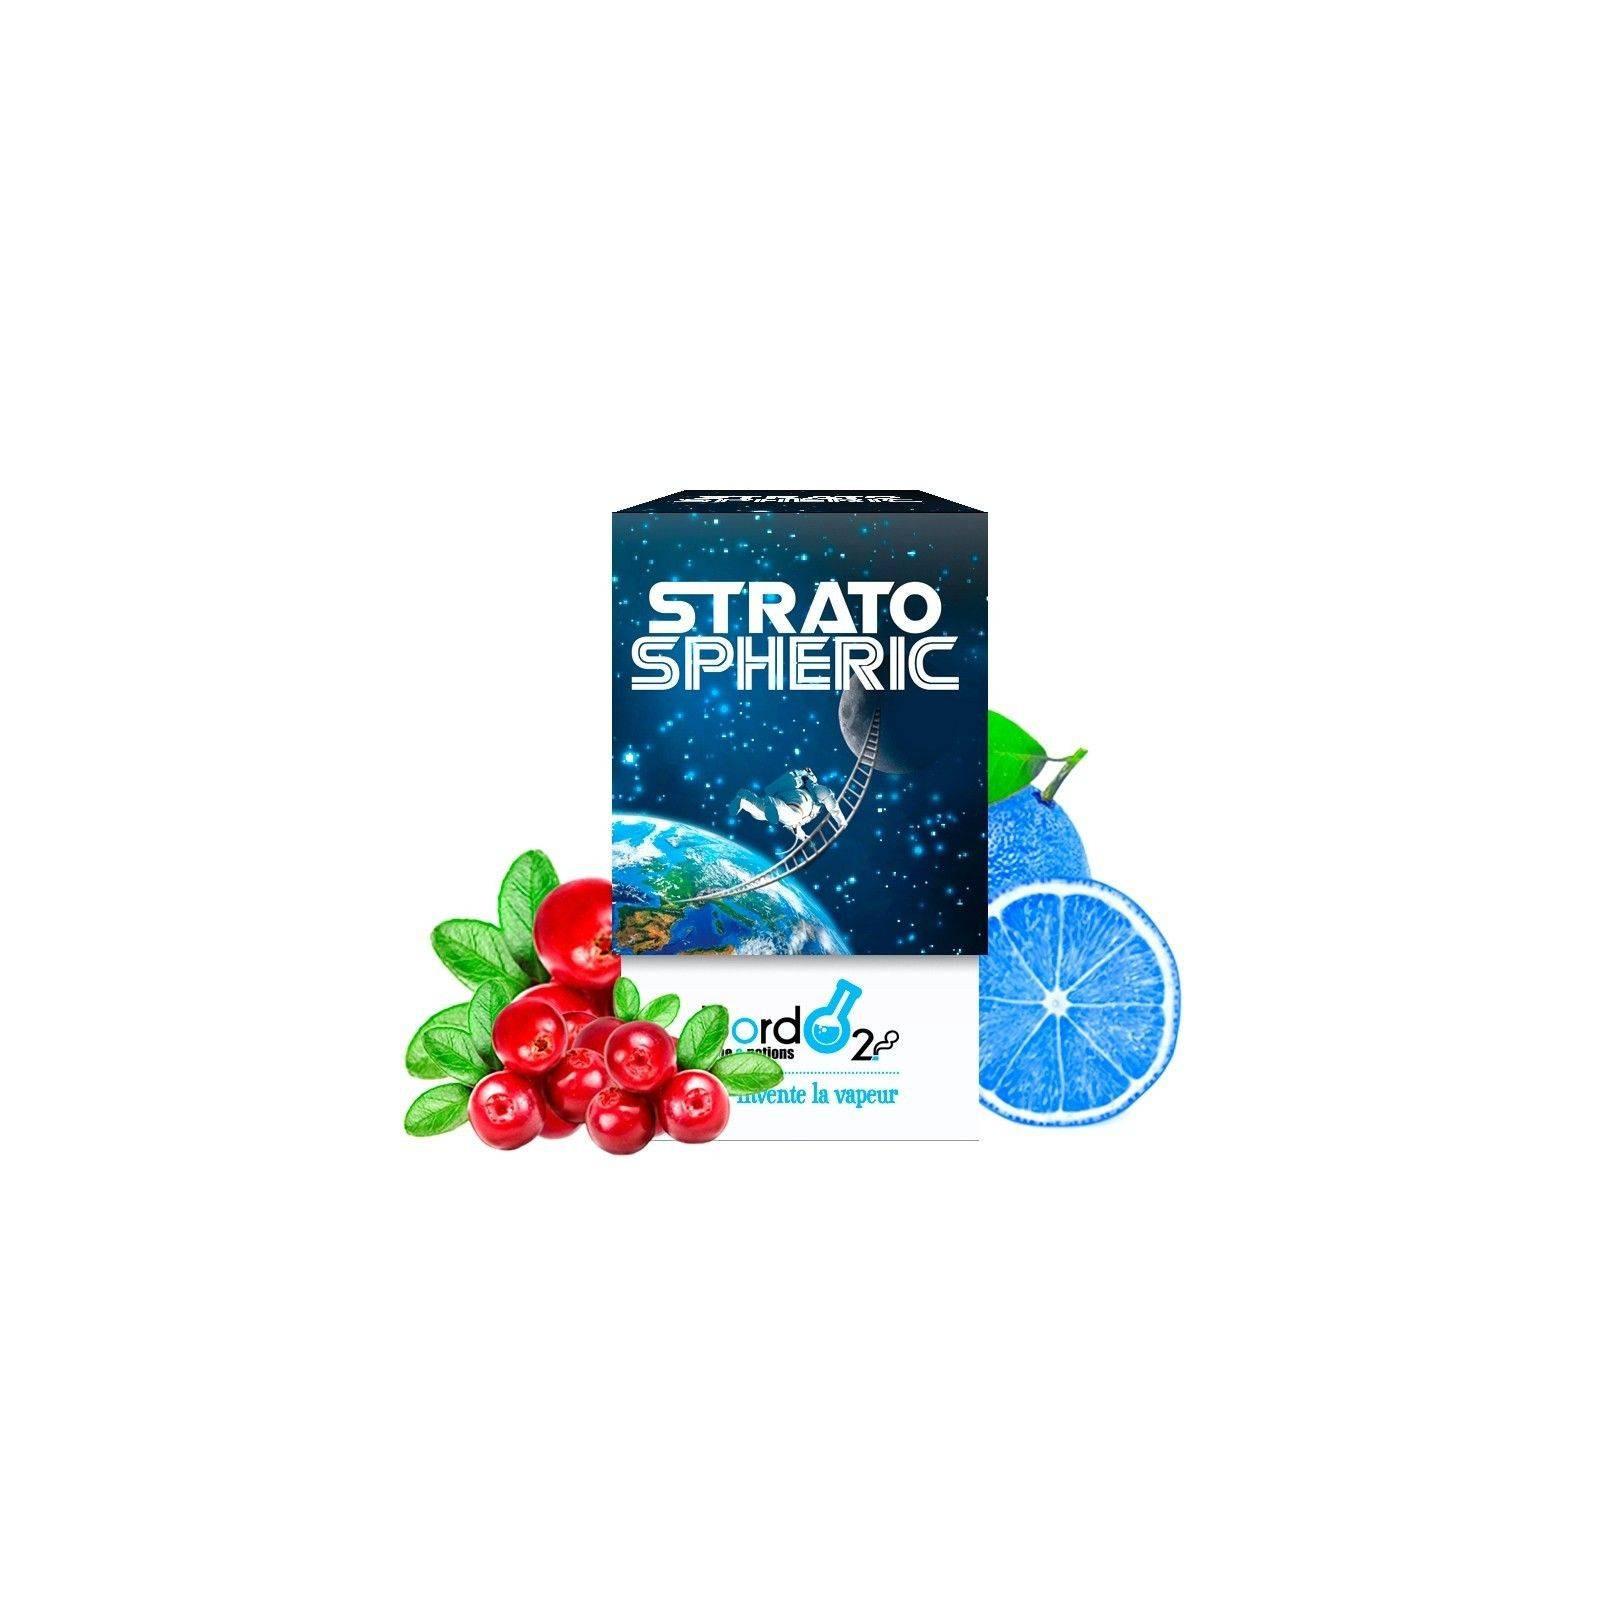 Stratospheric [Premium] - BORDO 2